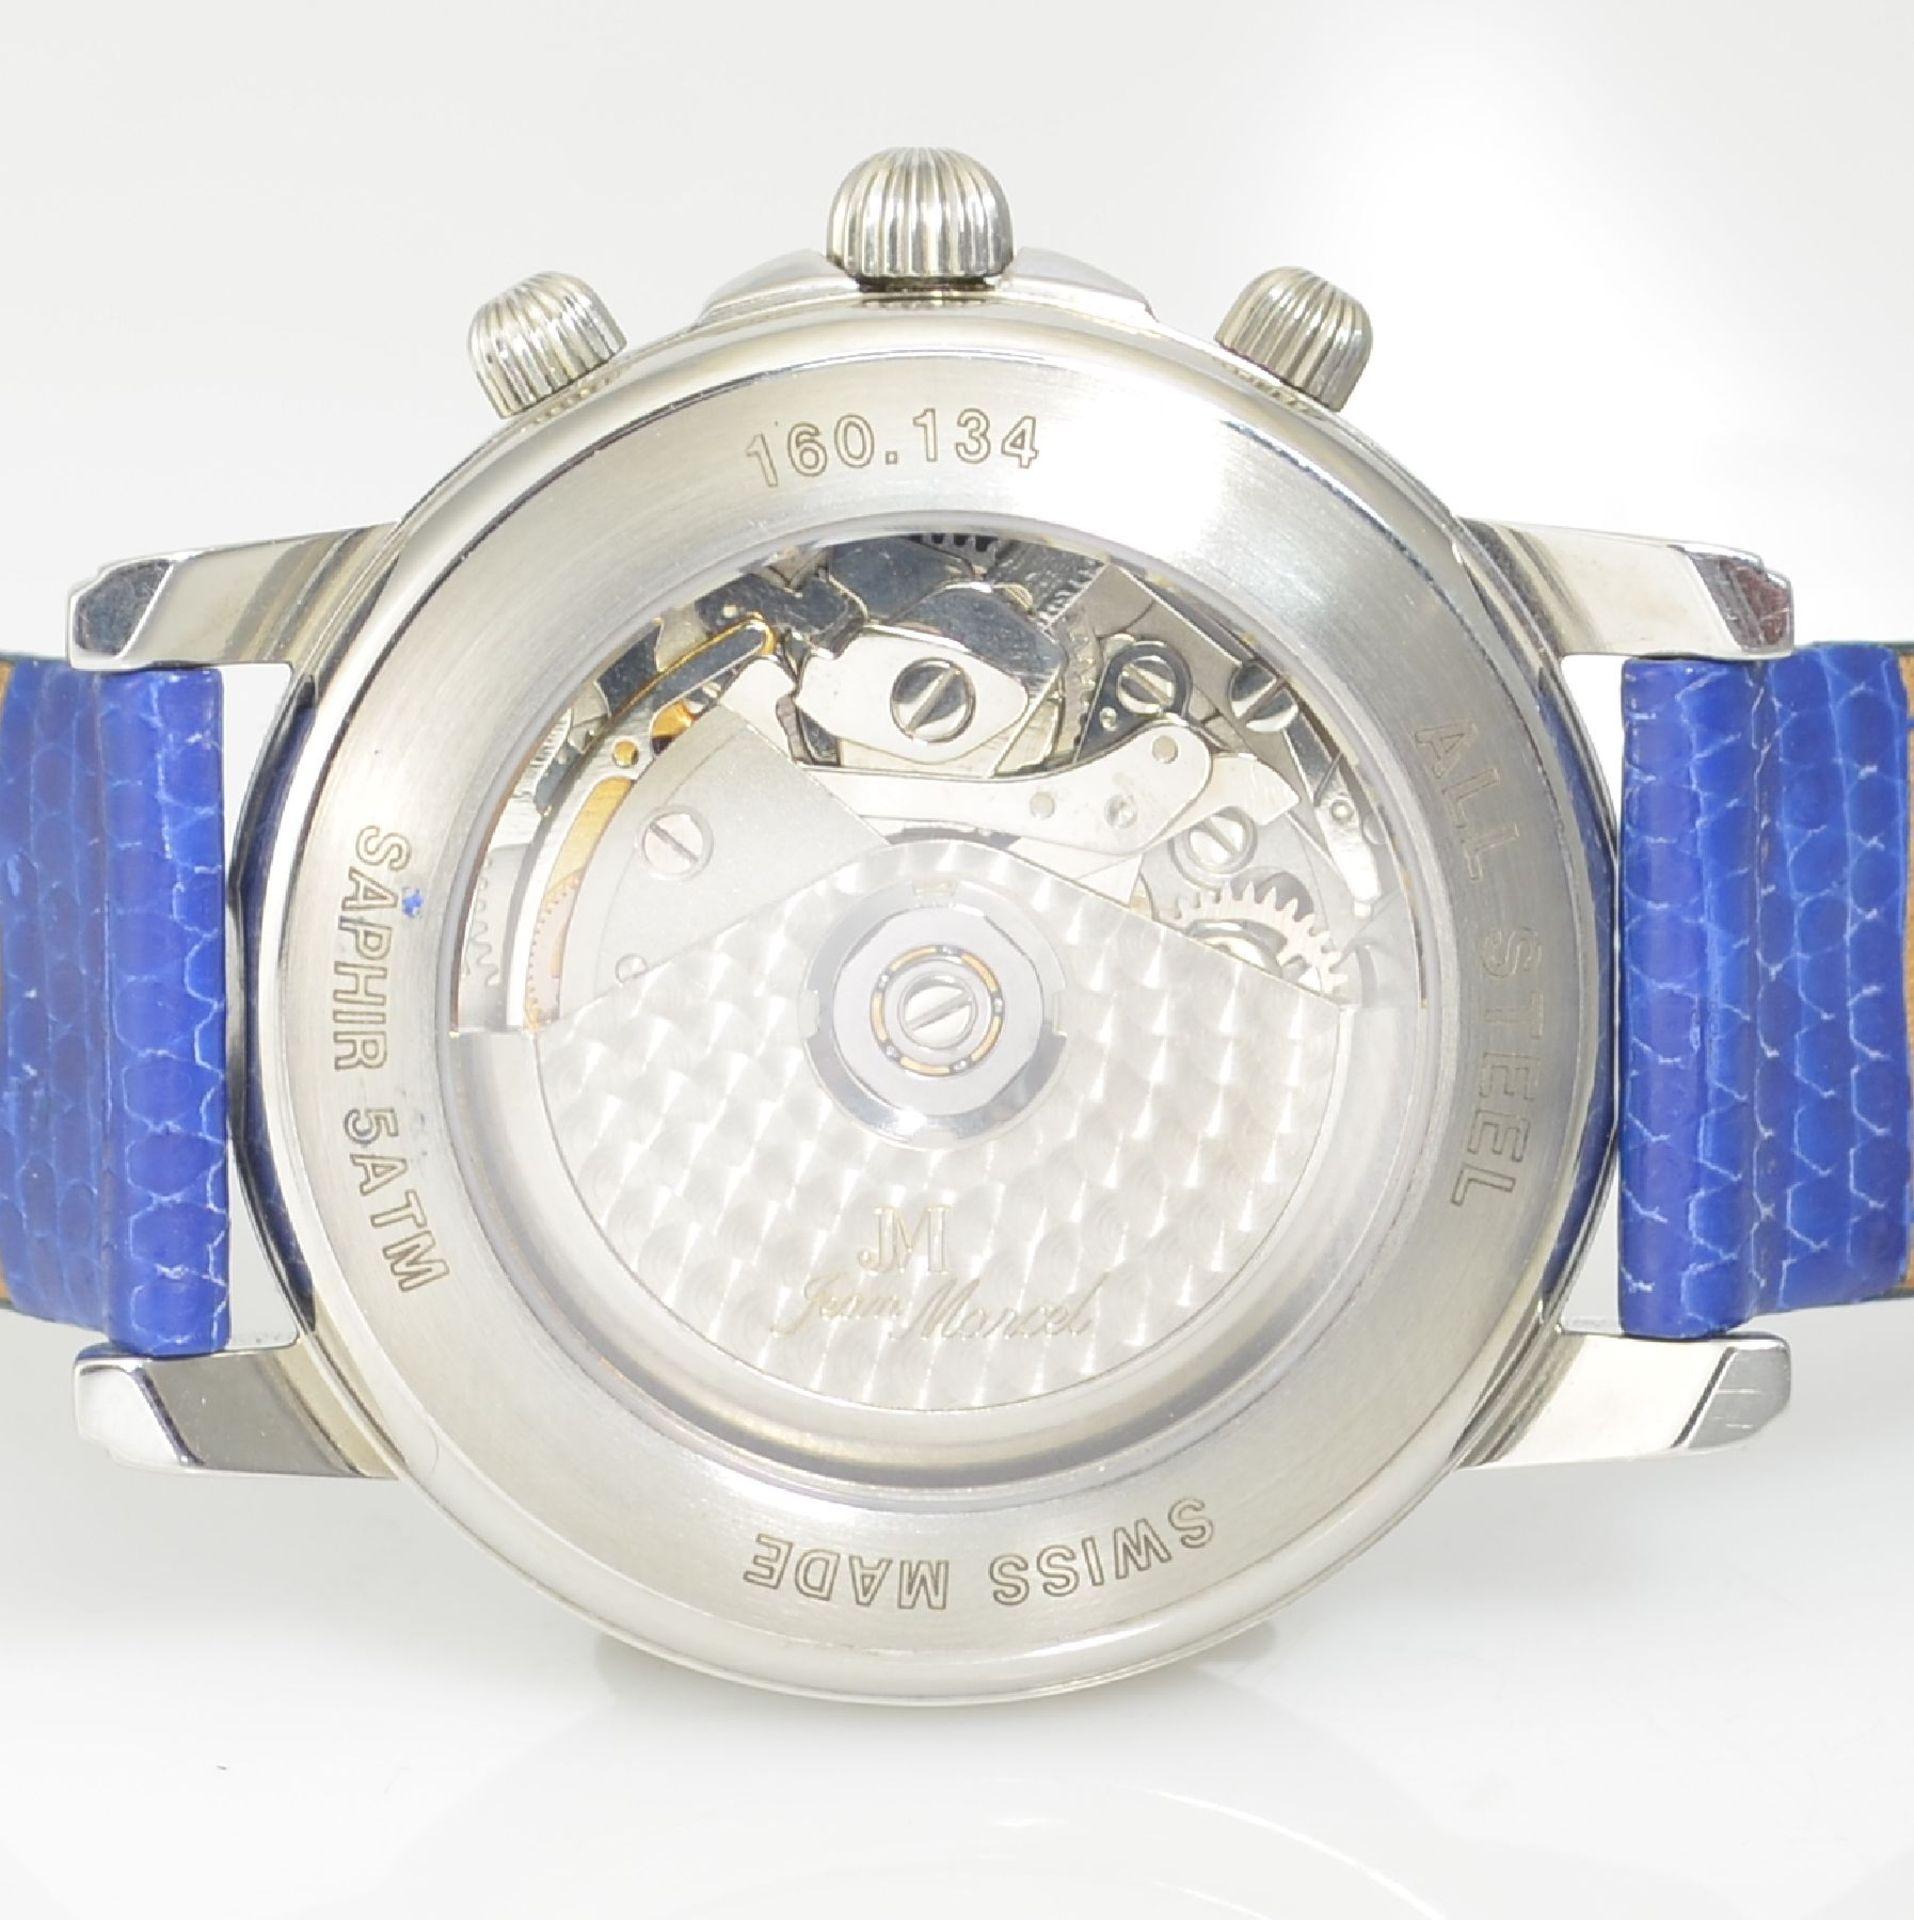 JEAN MARCEL Herrenarmbanduhr mit Chronograph, Schweiz um 2000, Automatik, Ref. 160.134, beids. - Bild 6 aus 7